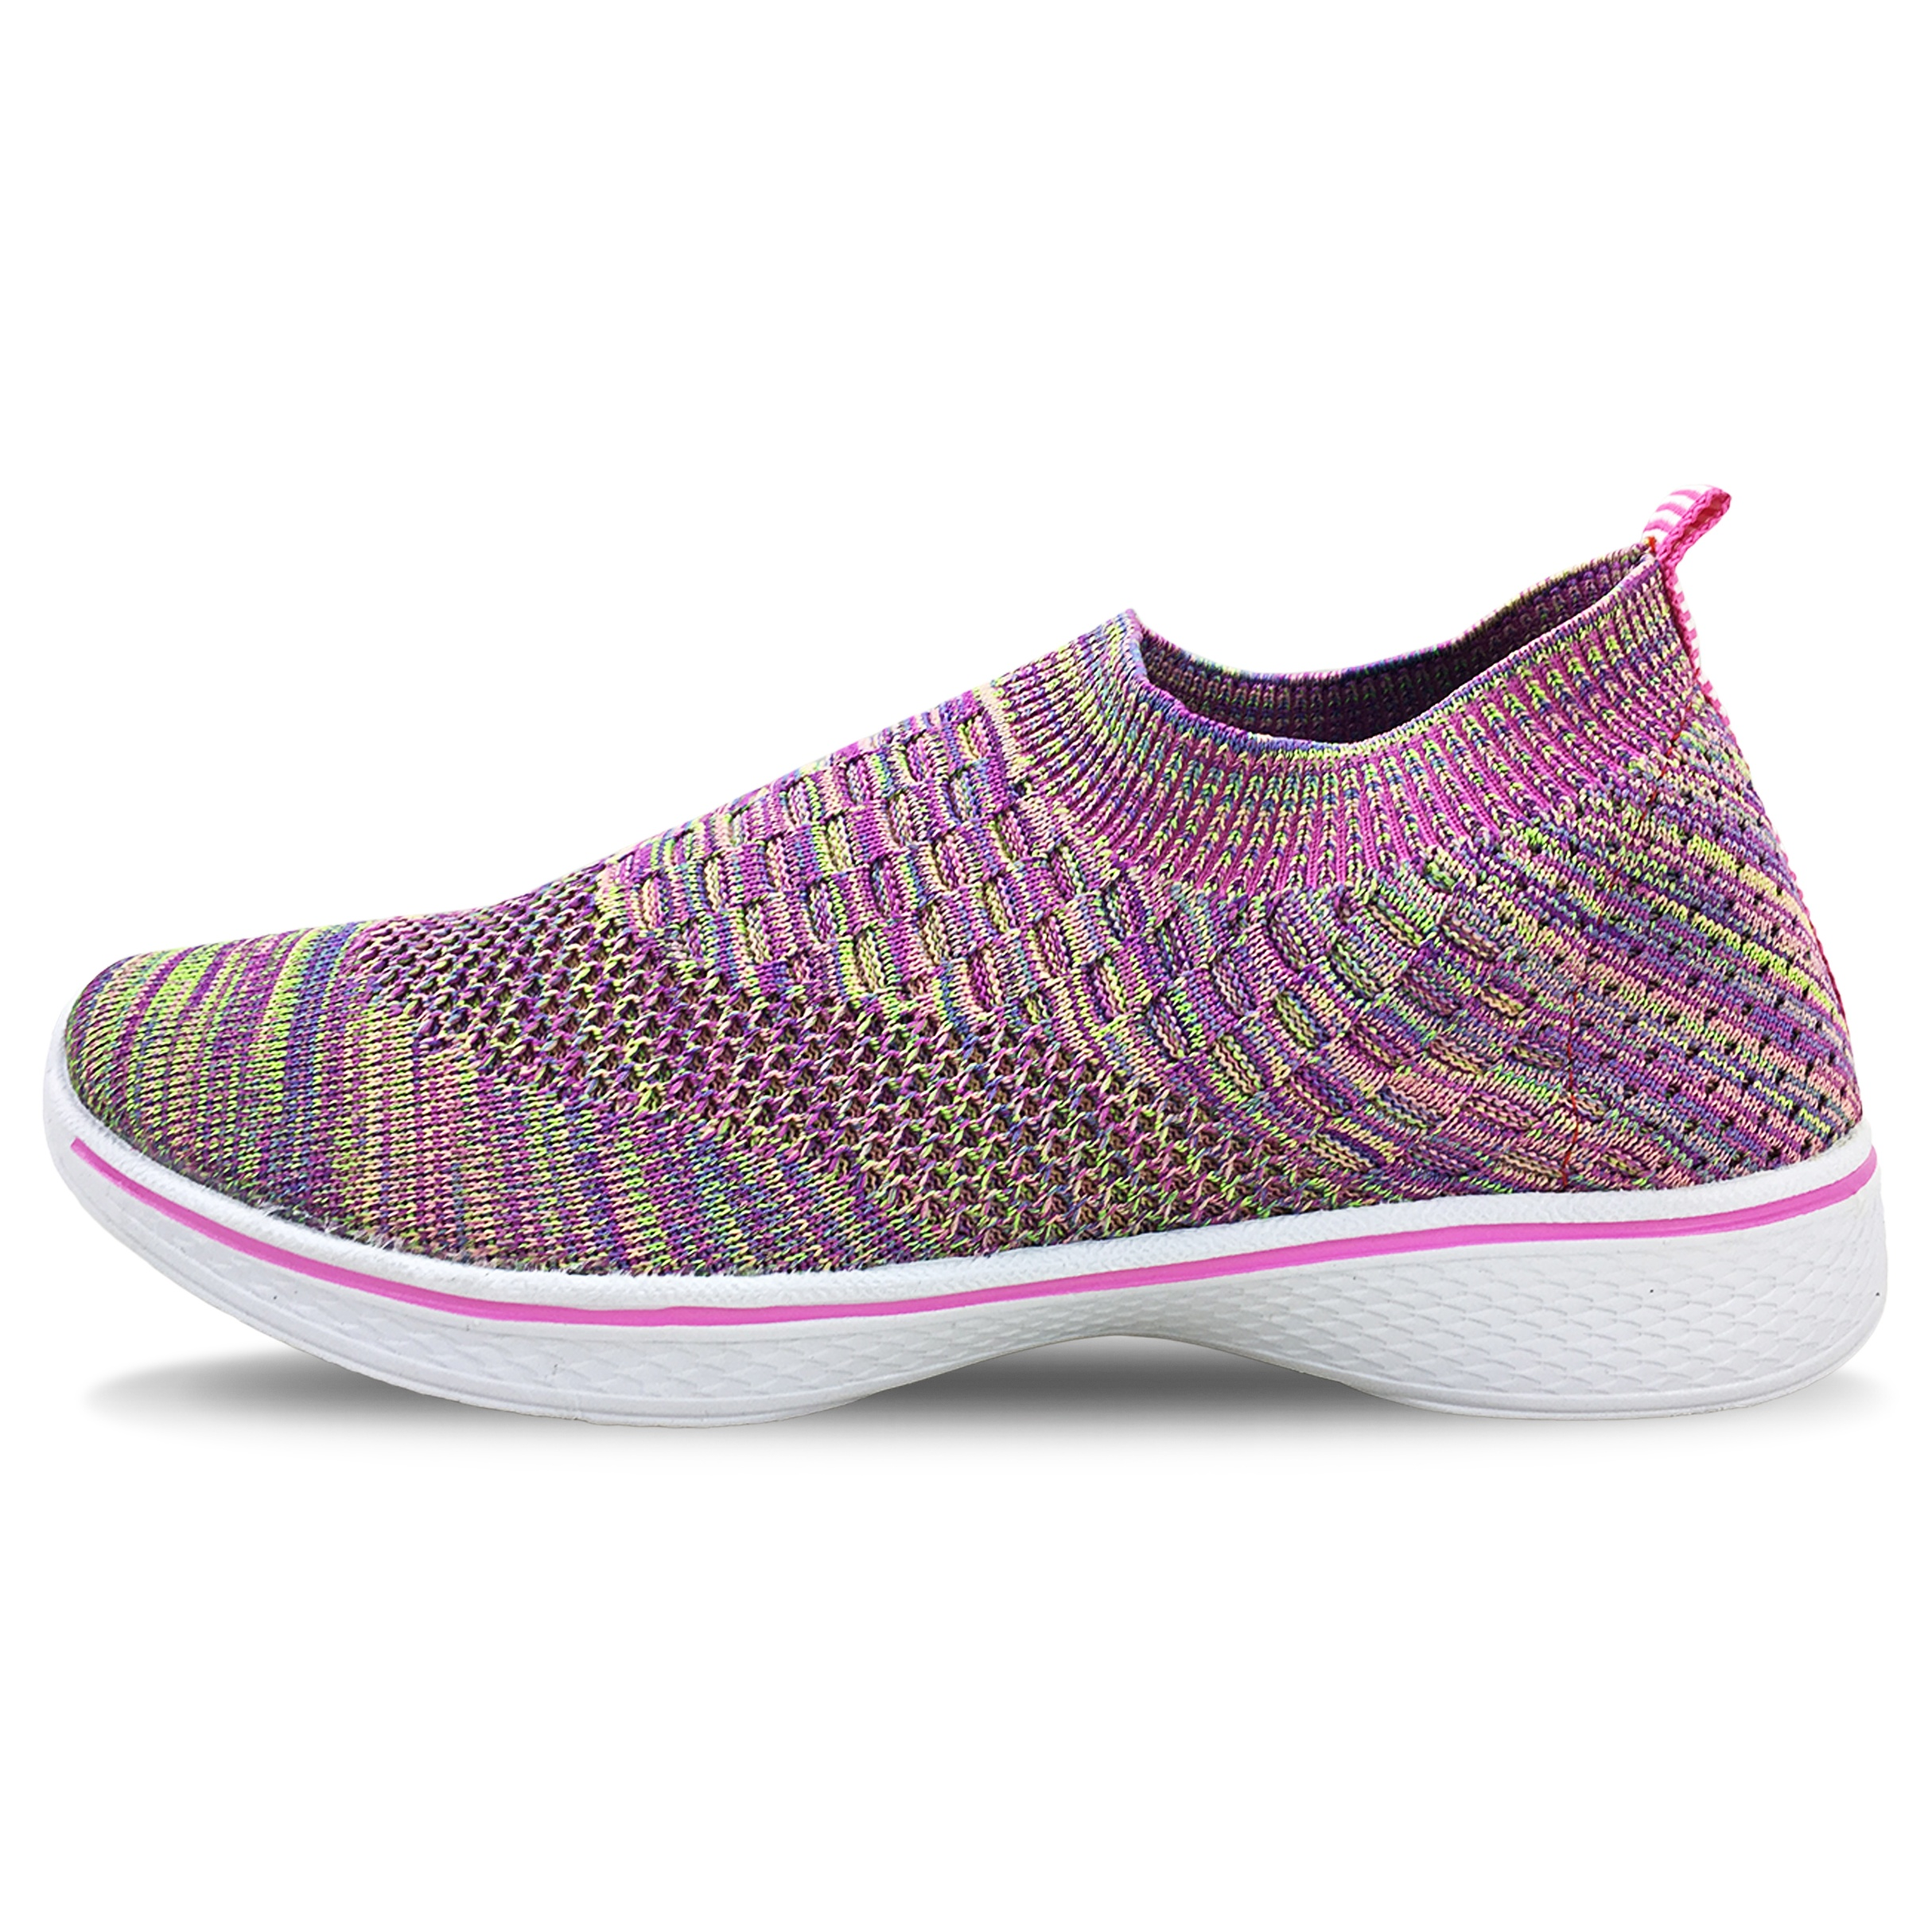 کفش مخصوص پیاده روی زنانه نسیم کد 979              خرید